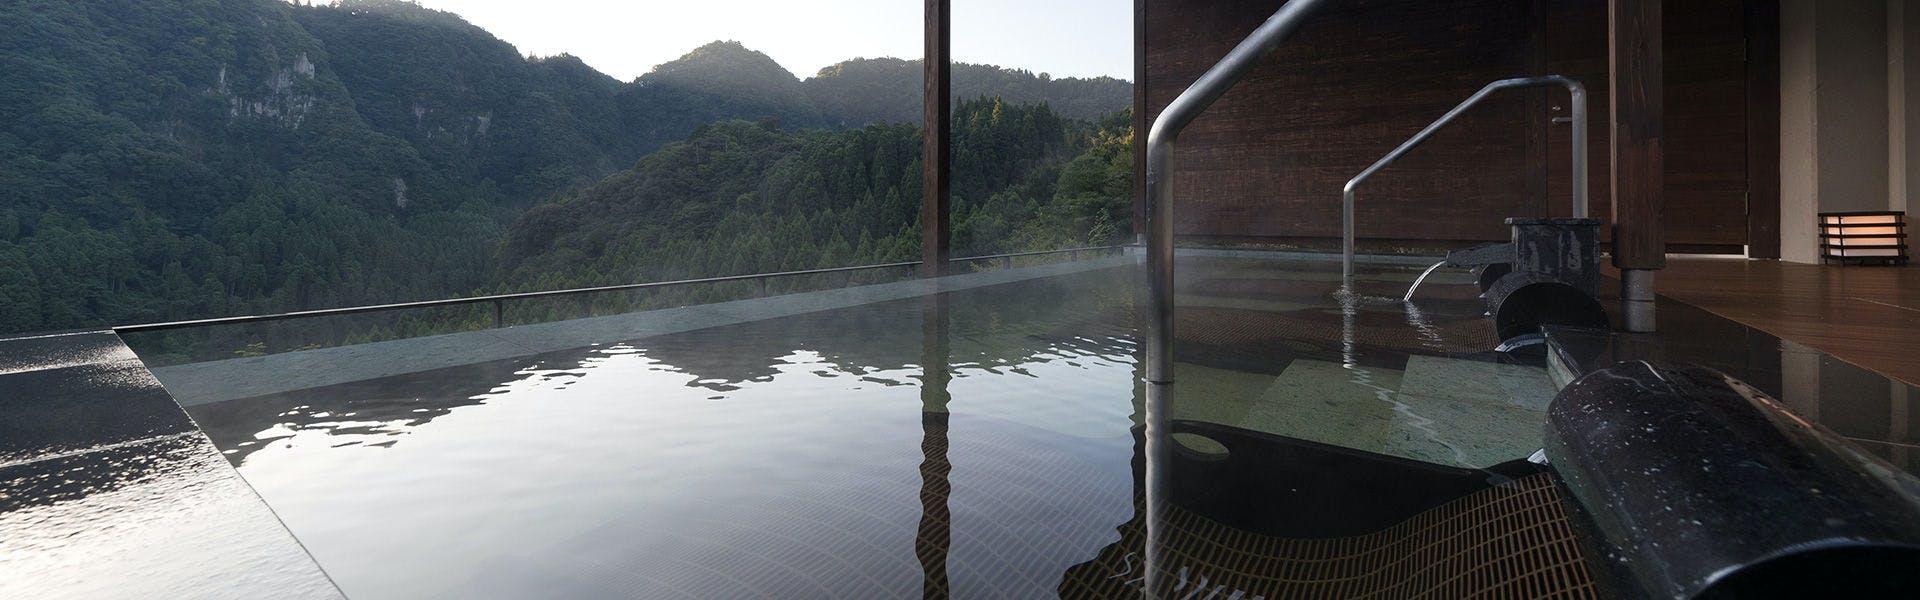 記念日におすすめのホテル・奥日田温泉 うめひびきの写真3